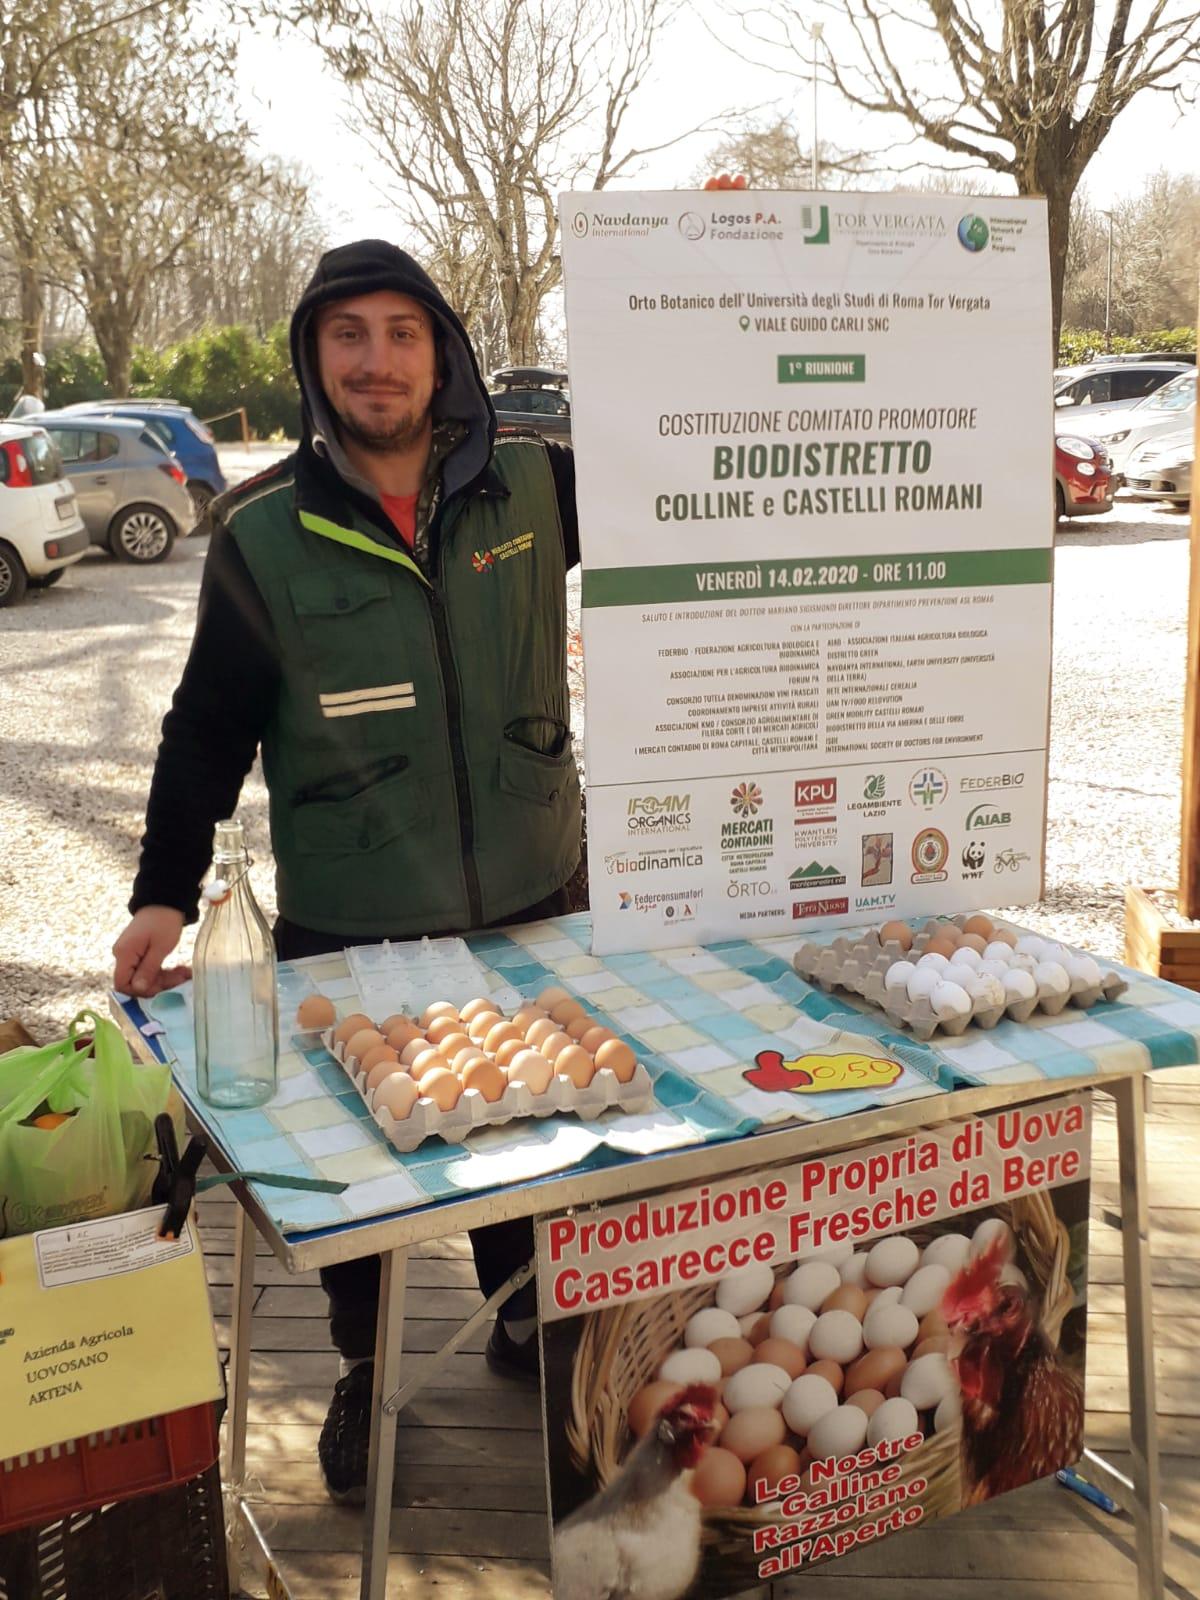 biodistretto azienda agricola uovosano